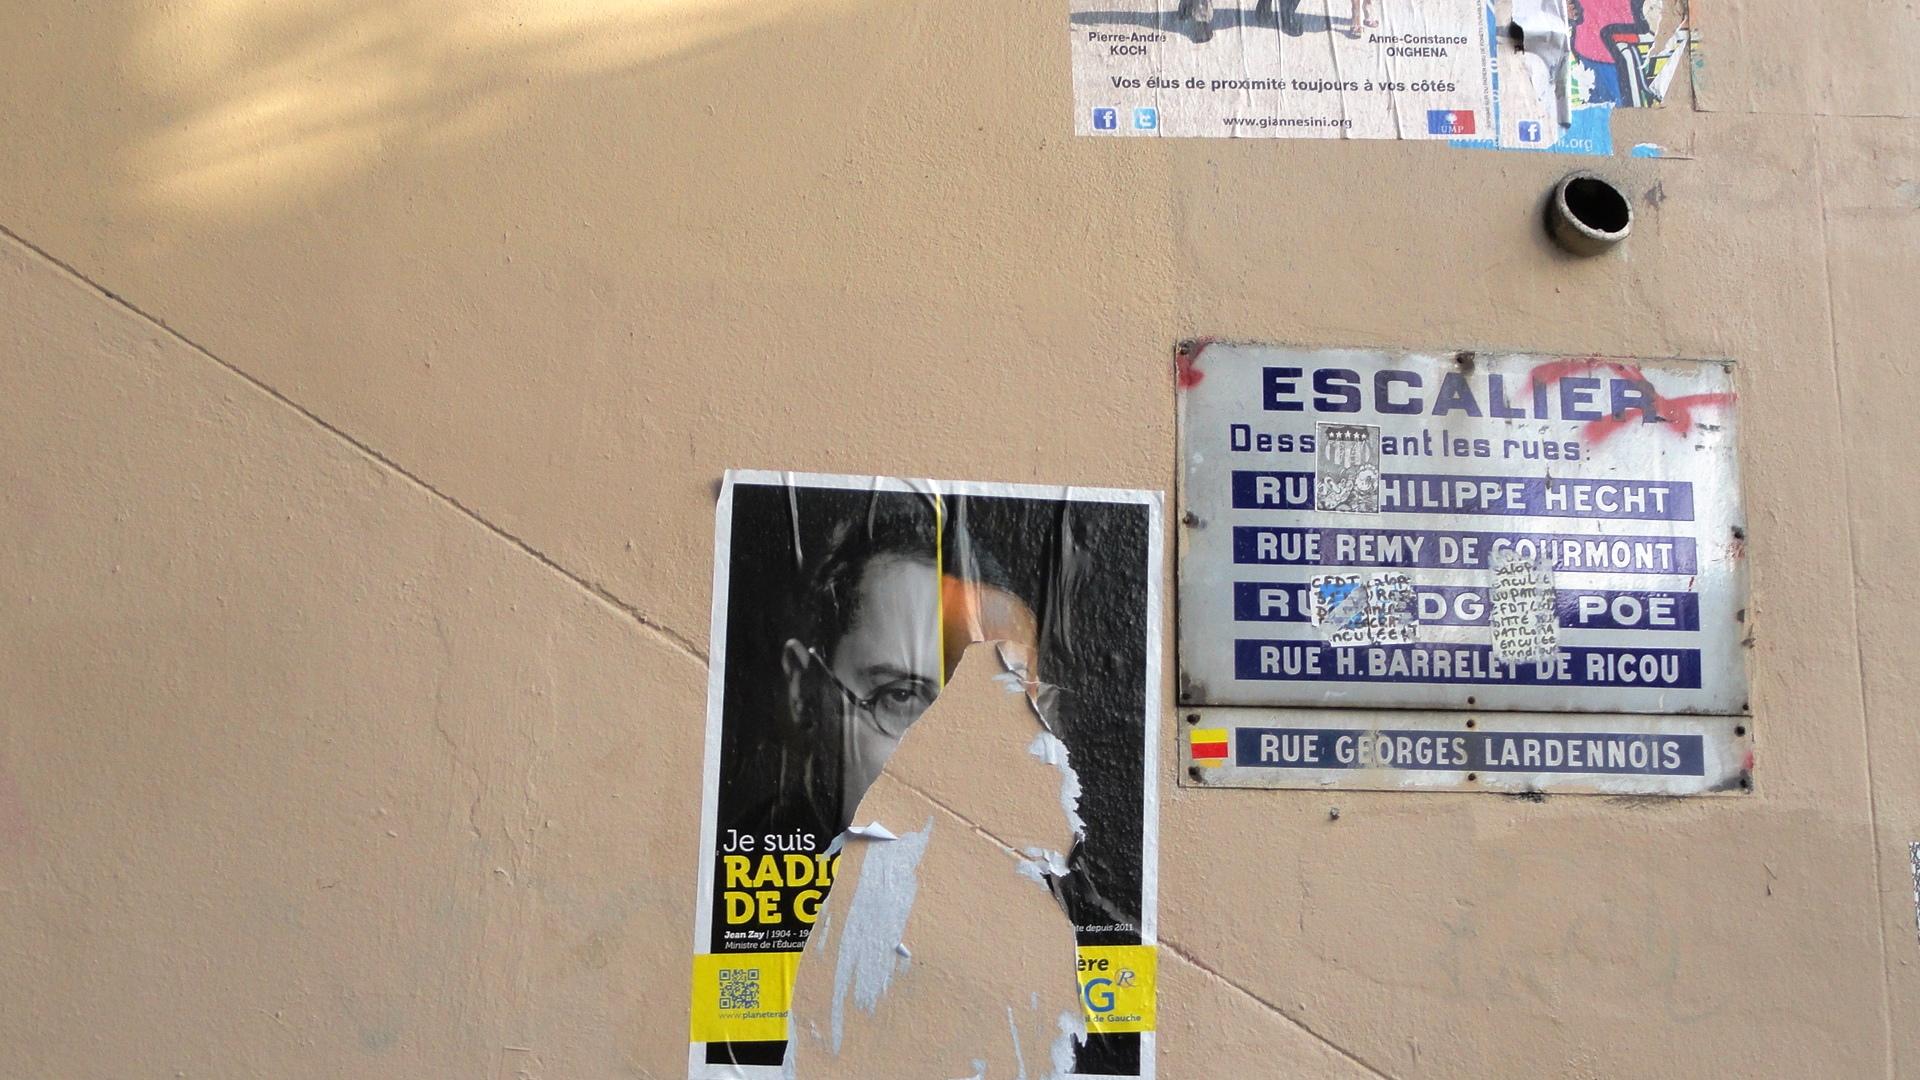 Escaliers - Butte Bergeyre, Paris 19e